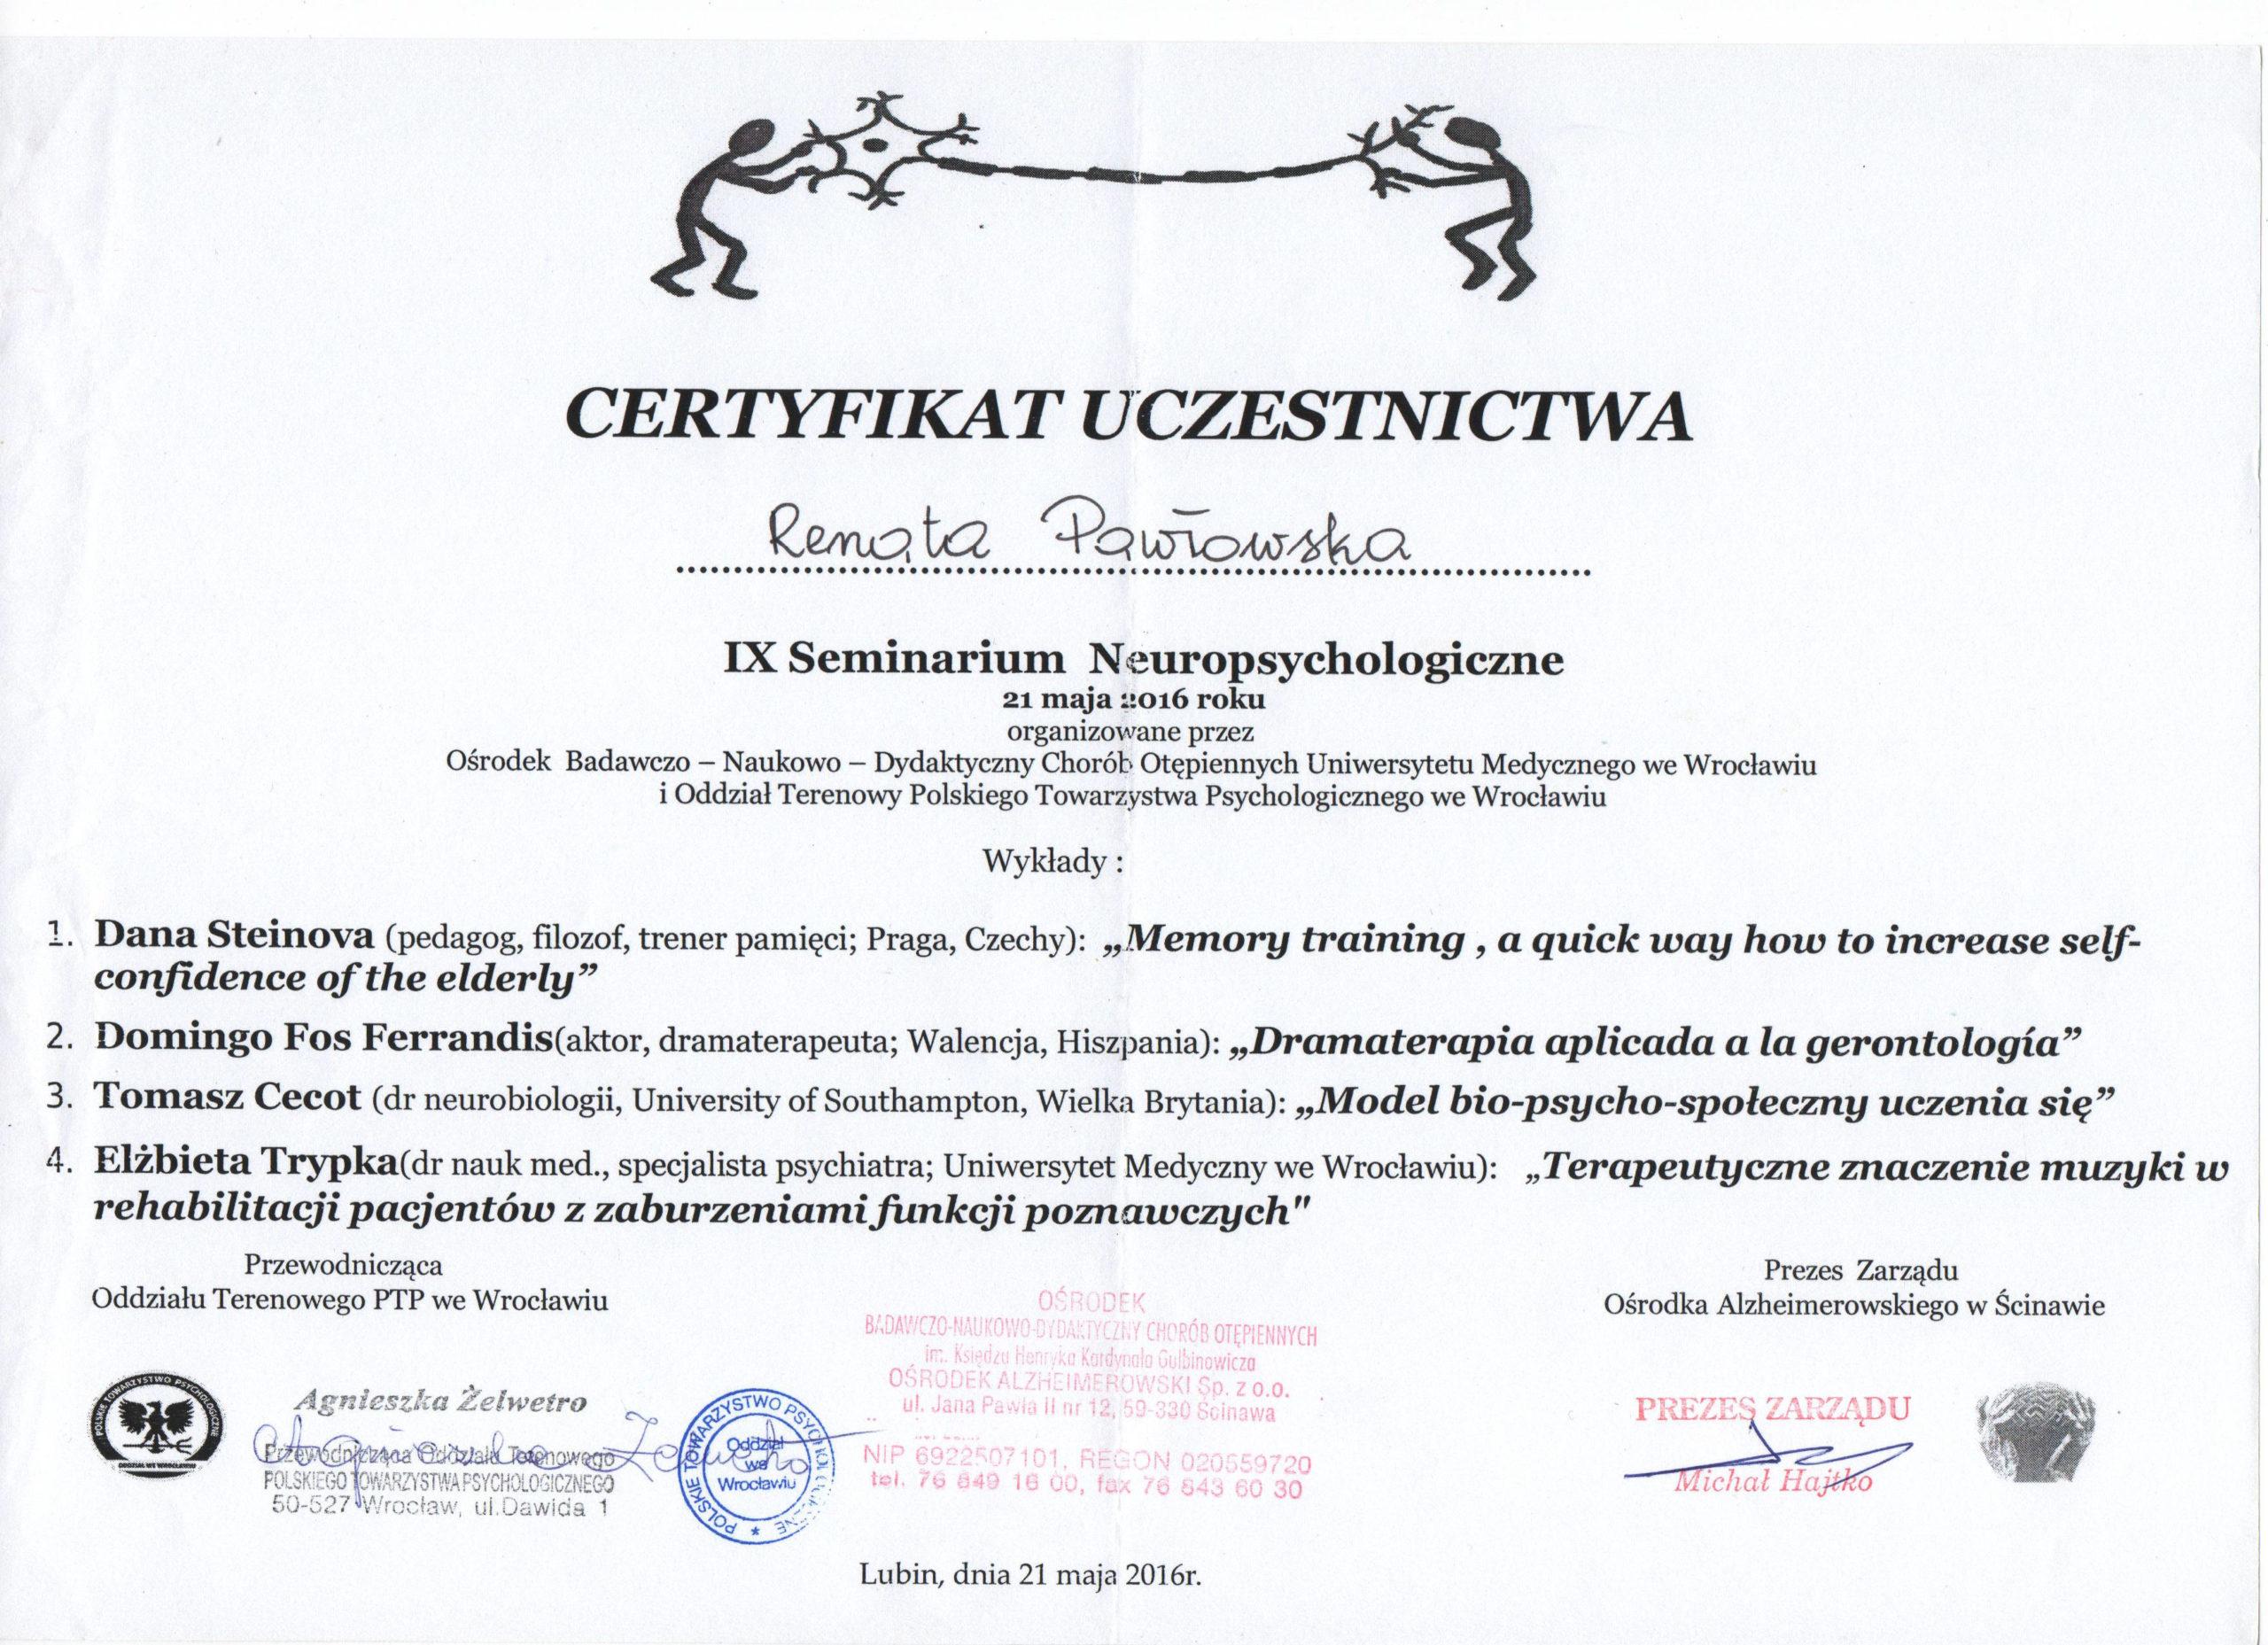 IX Seminarium neuropsychologiczne